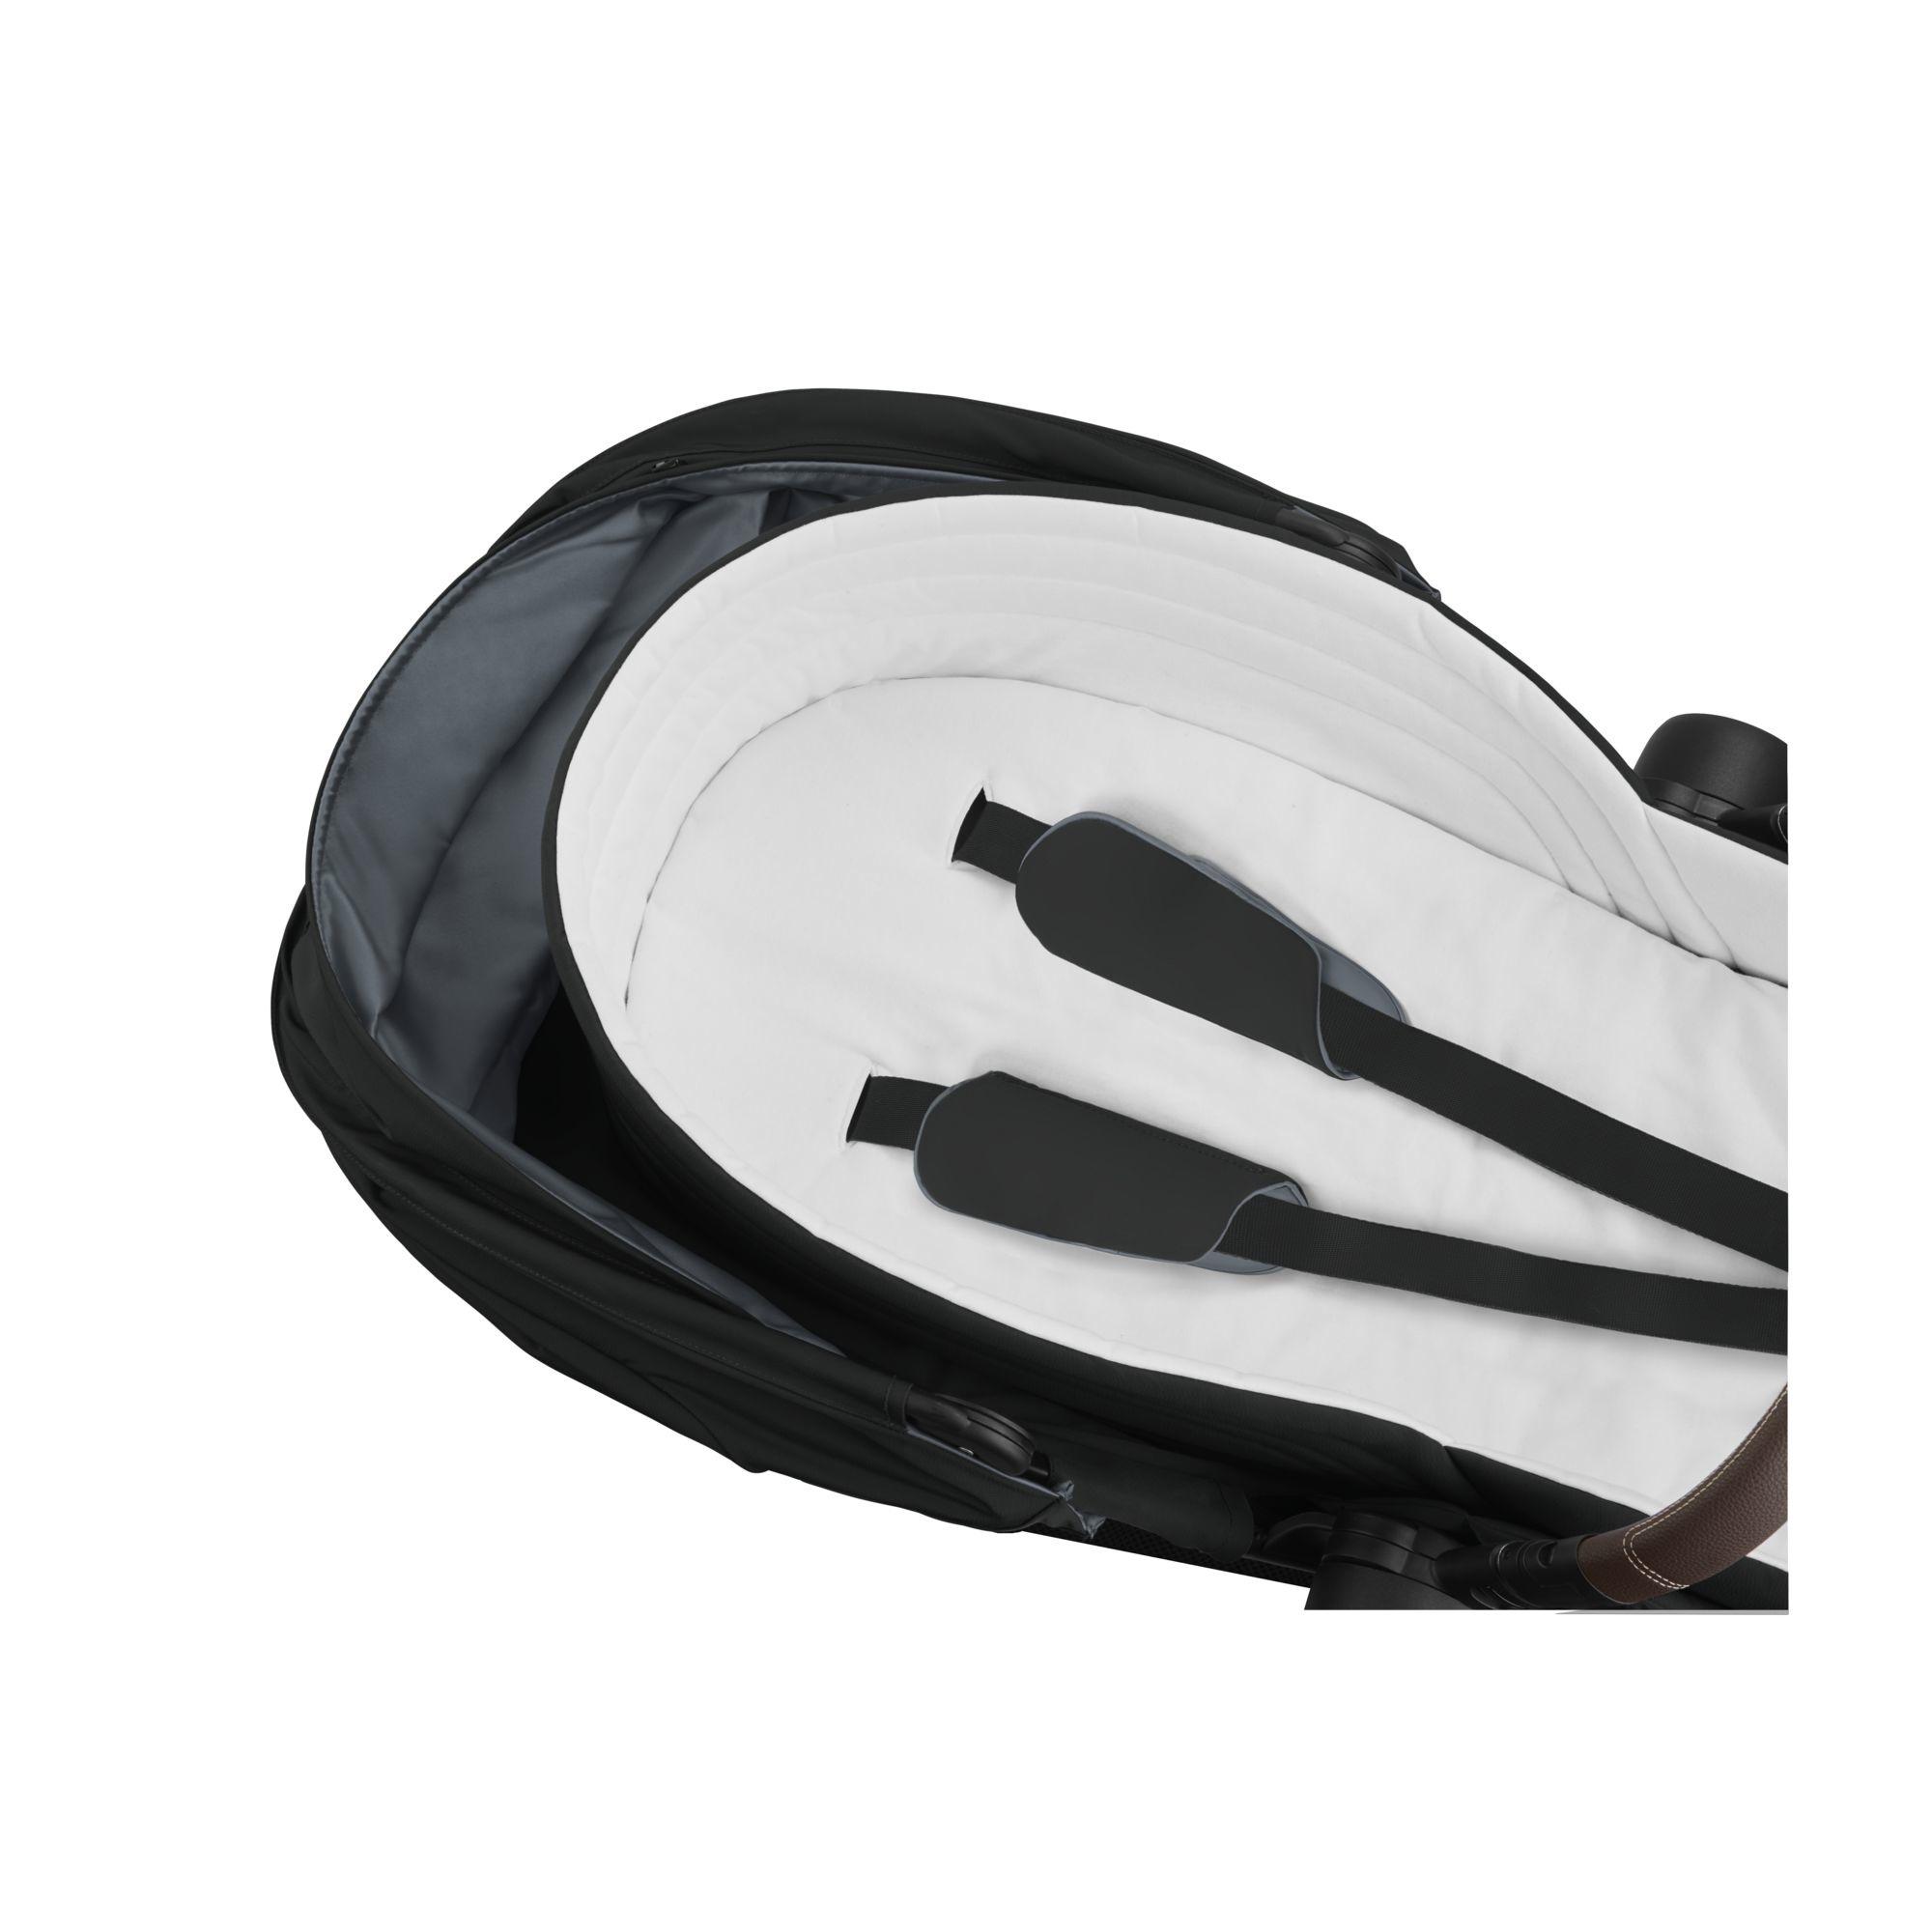 Nacelle legere poussette Mios Priam Deep Black Cybex intérieur